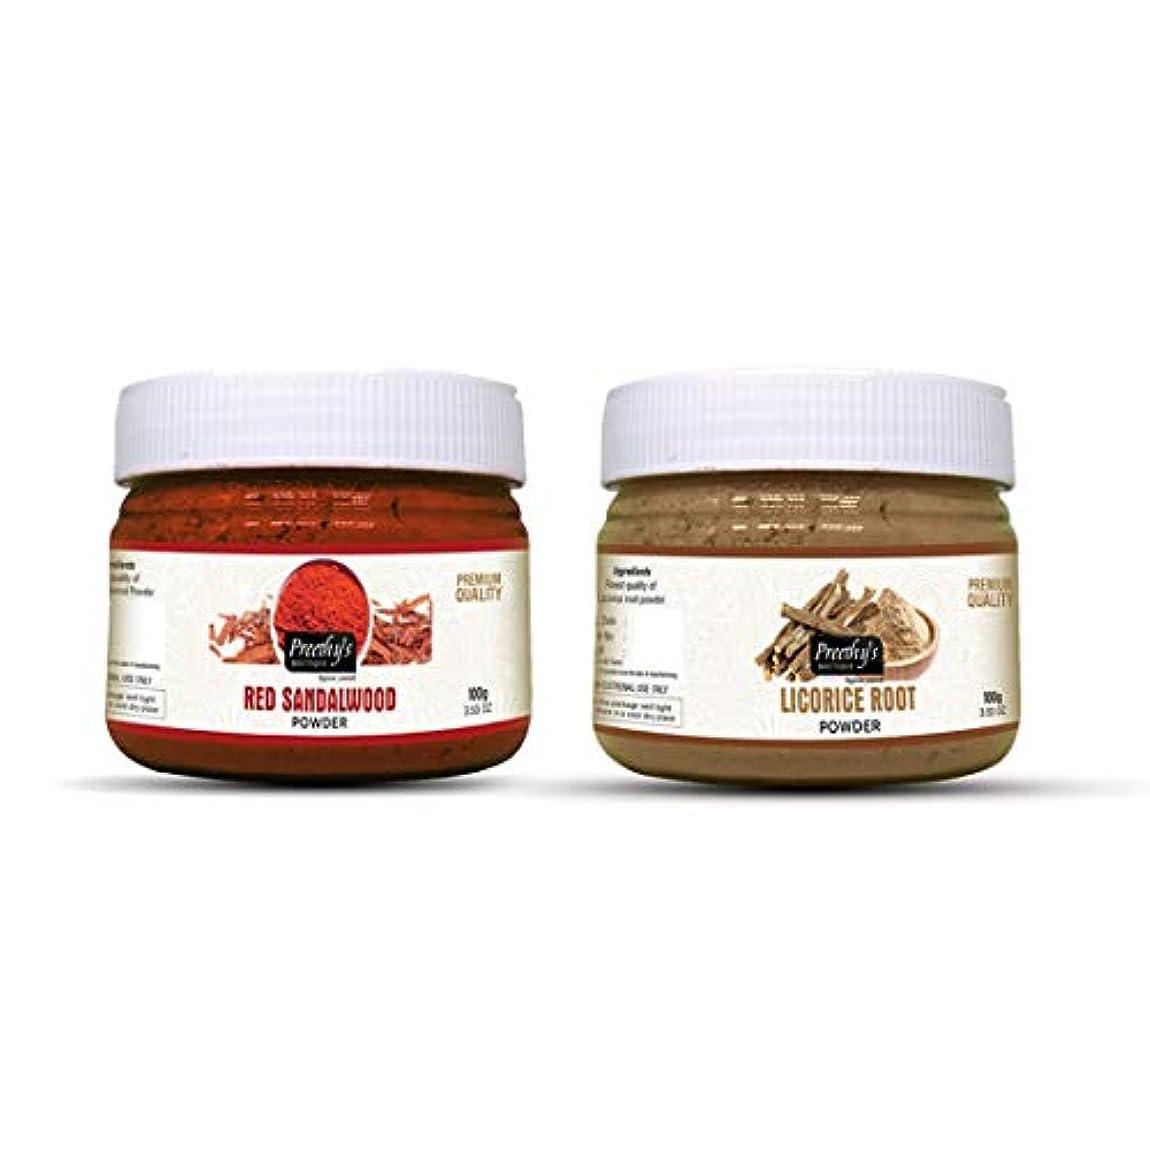 販売計画孤独メイエラCombo offer Of Licorice root powder 100gm & Red sandalwood powder 100gm - Natural Remedies for Skin Disorders,...